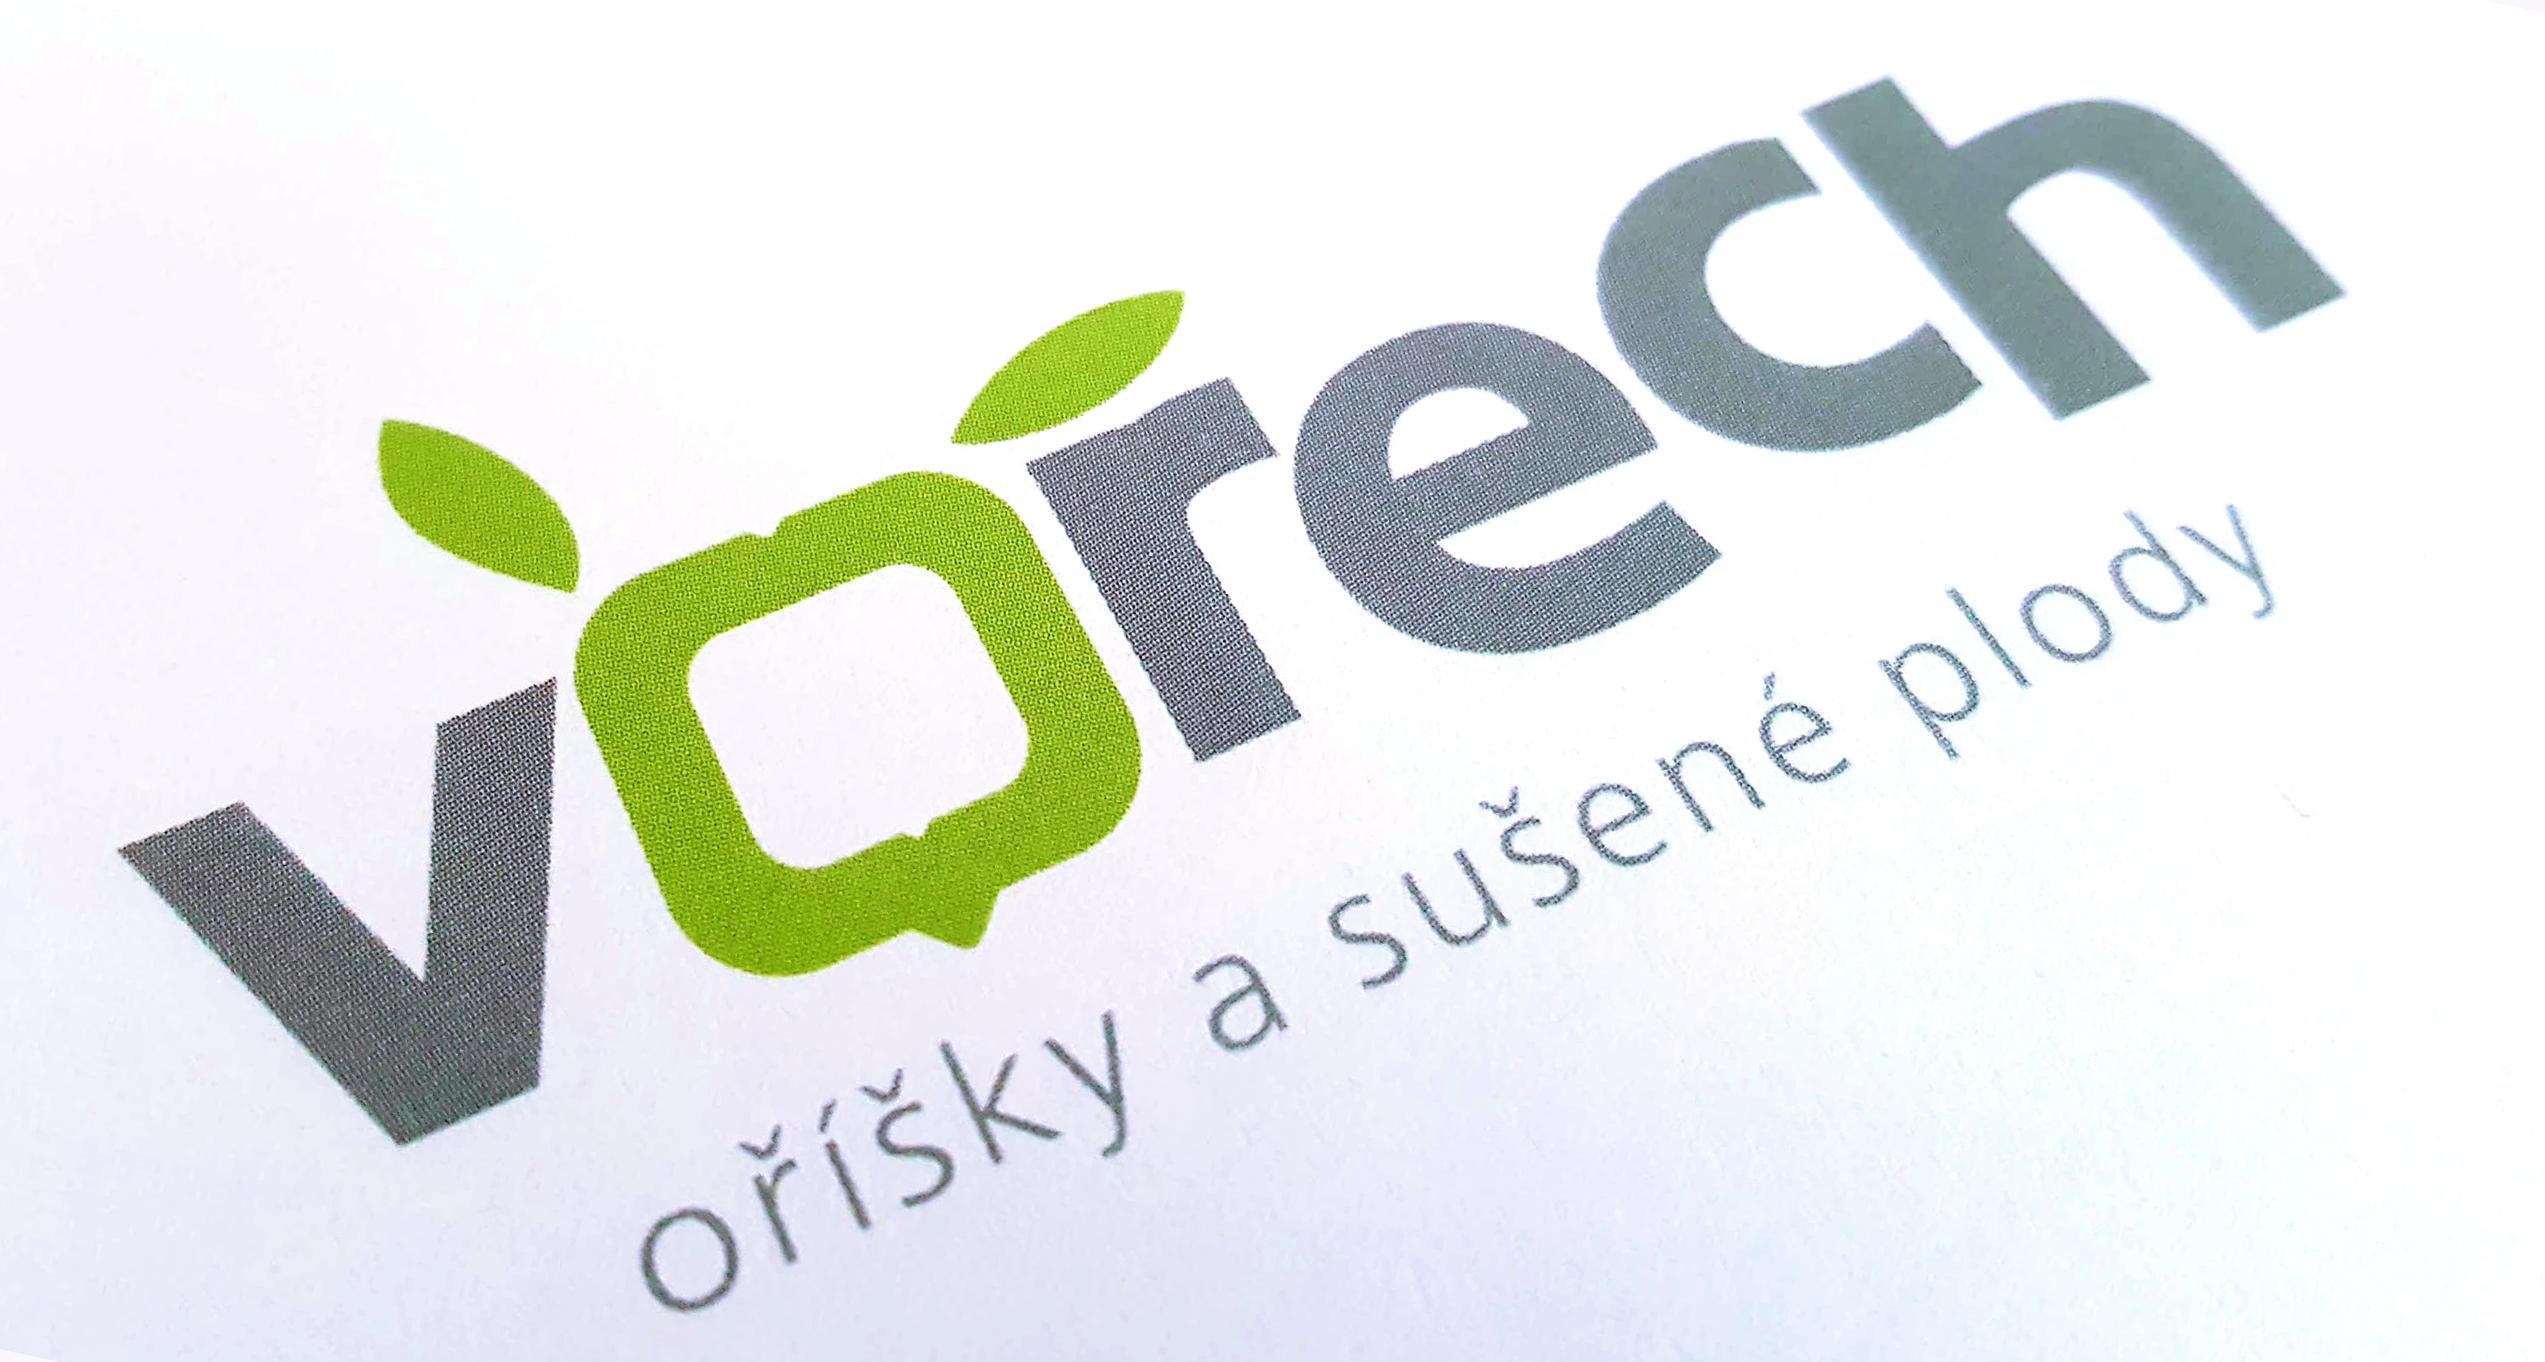 vorech_logo_2020